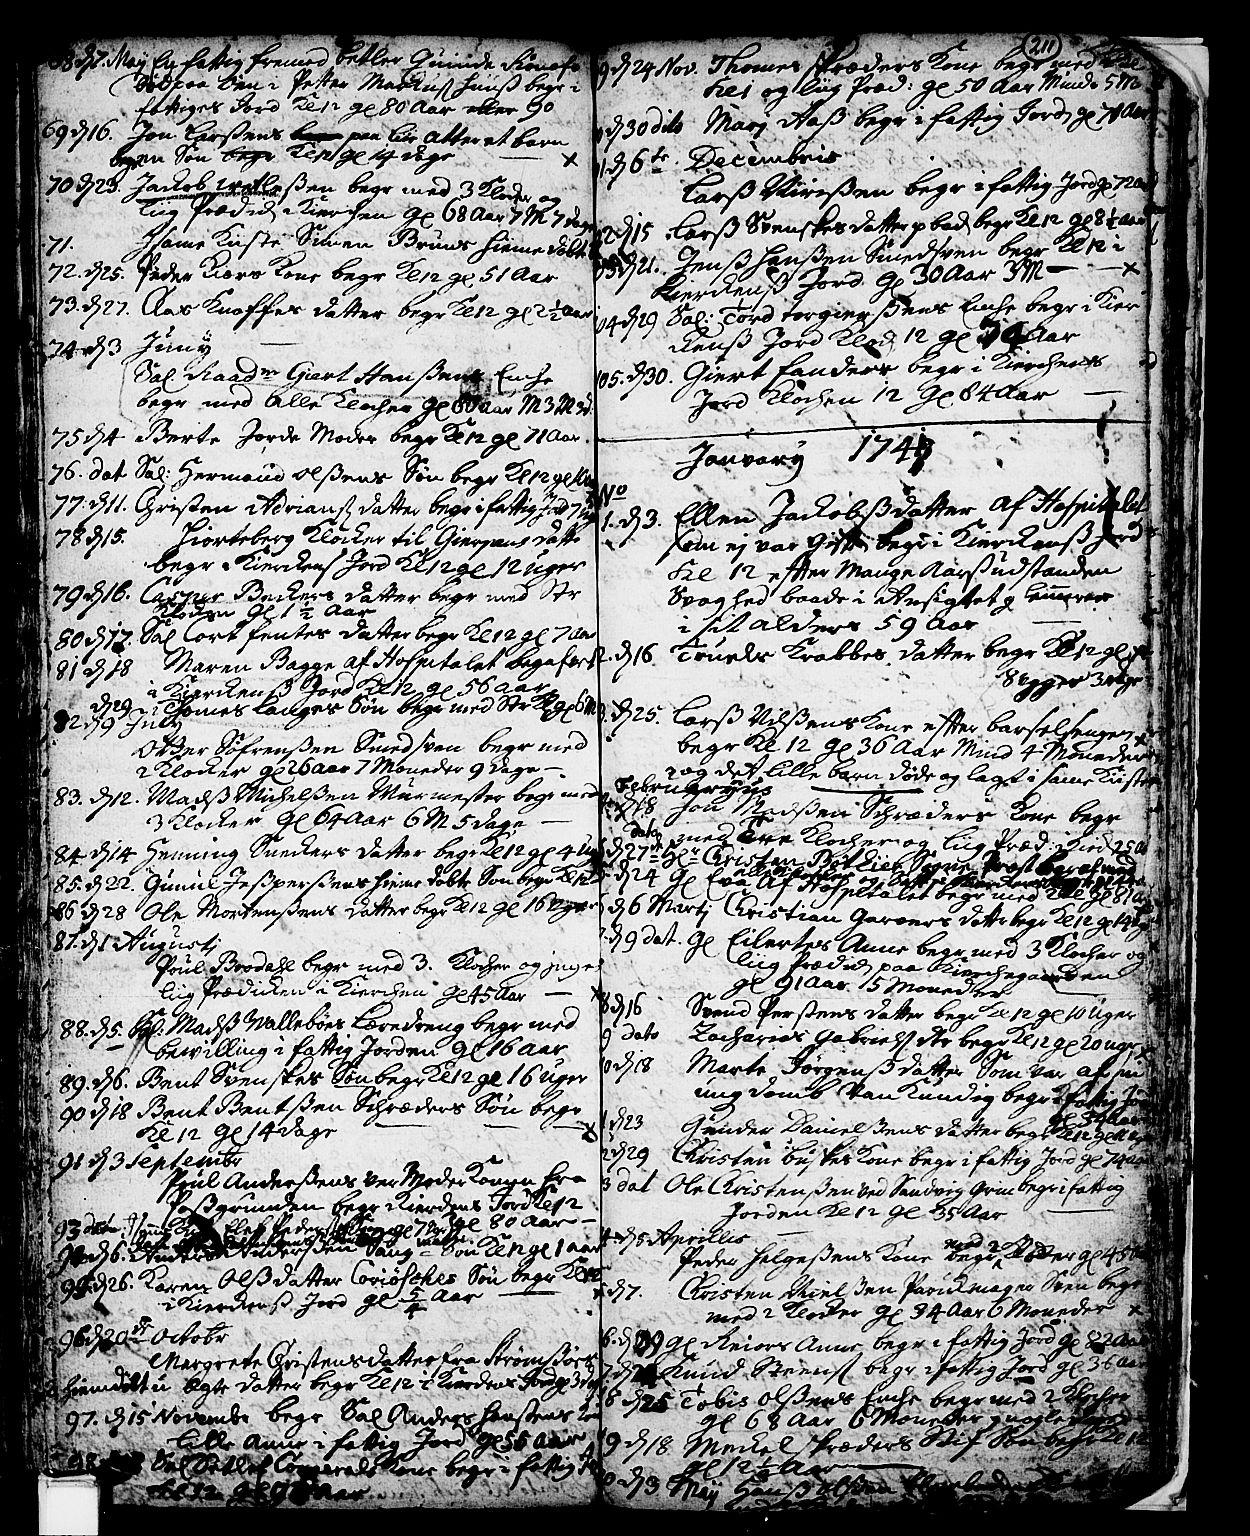 SAKO, Skien kirkebøker, F/Fa/L0002: Ministerialbok nr. 2, 1716-1757, s. 211